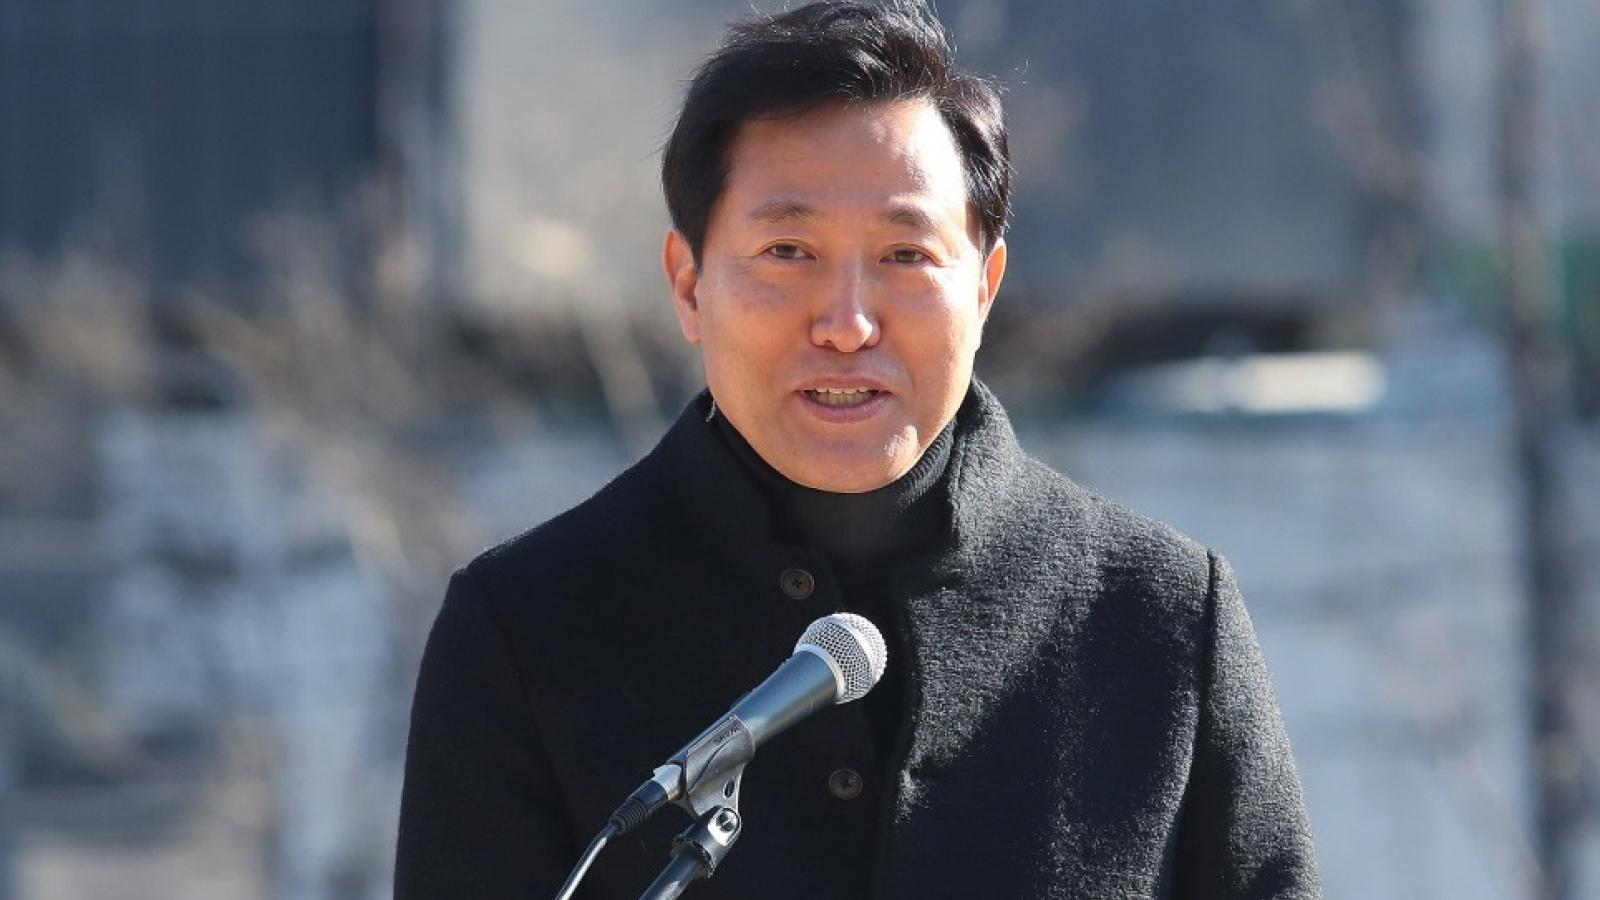 Đảng cầm quyền Hàn Quốc thất bại trong cuộc bầu cử bổ sung quan trọng